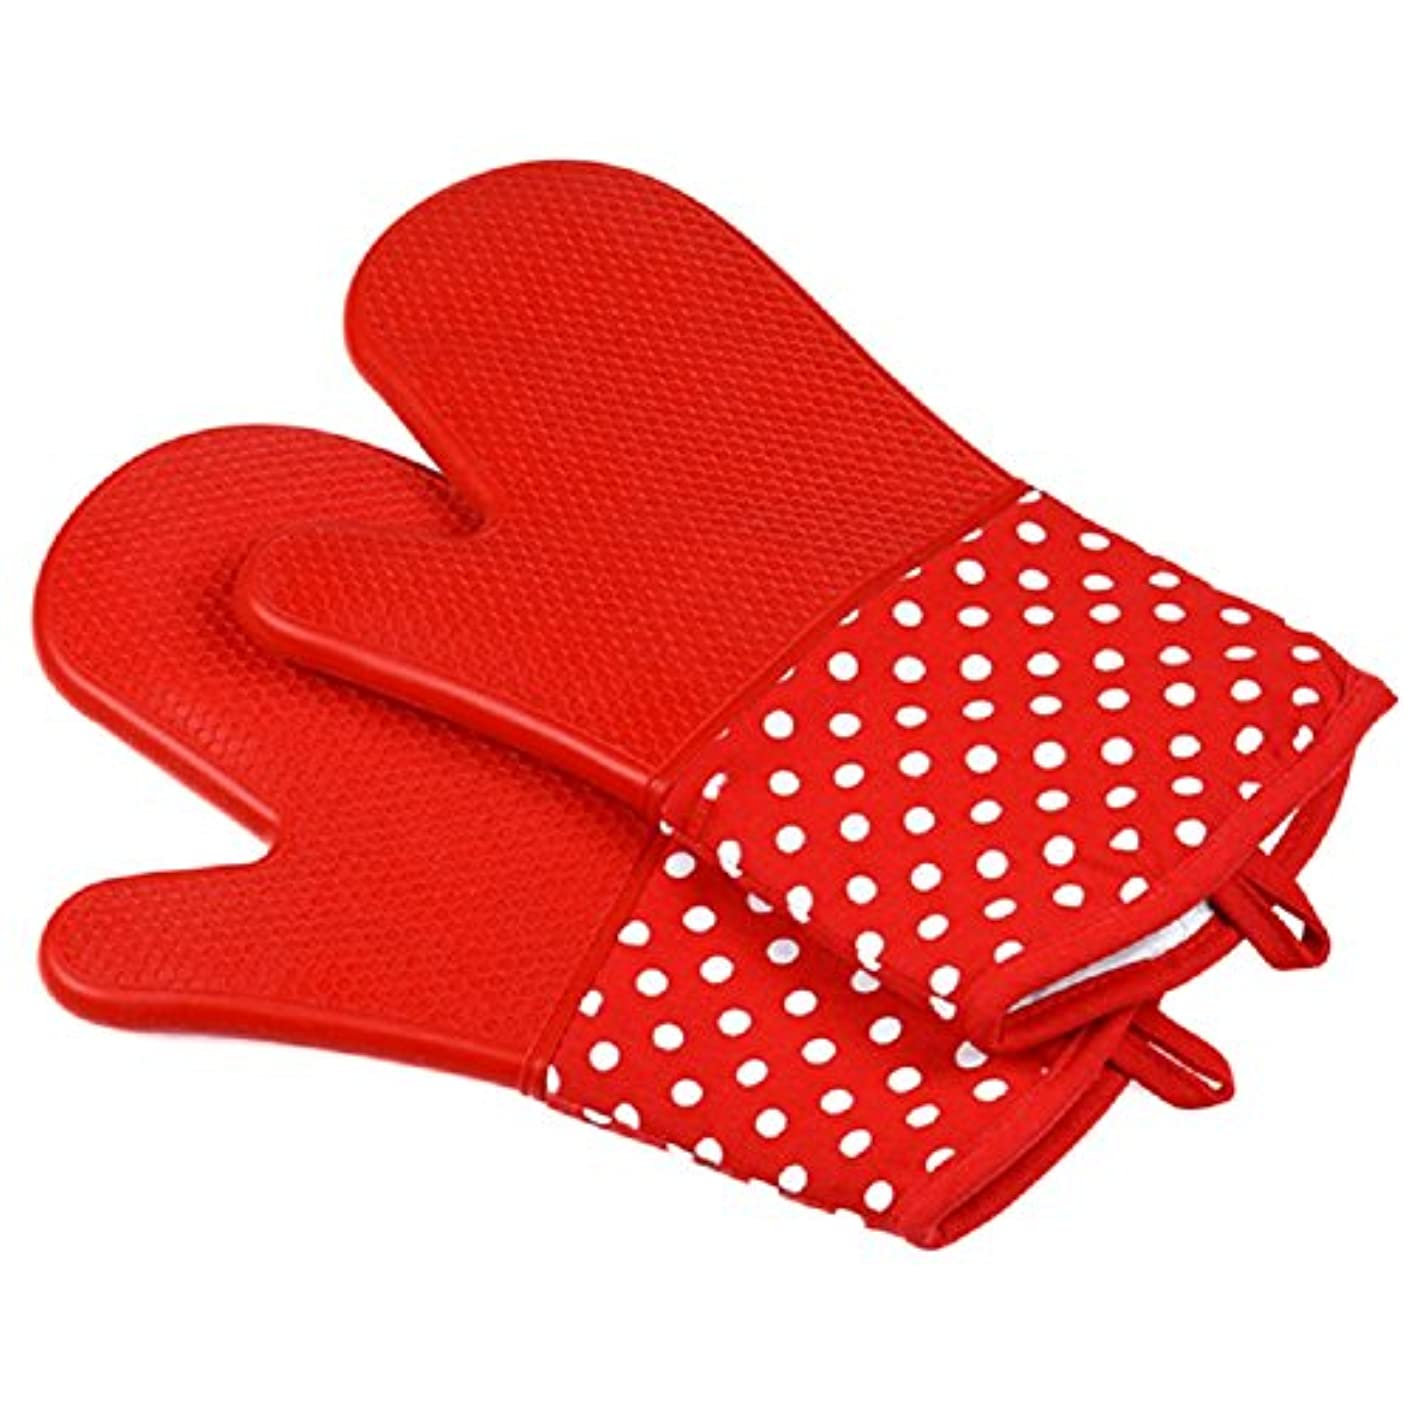 ストレージ刈る割れ目OUYOU 耐熱グローブ シリコンチェック 耐熱温度300℃ キッチングローブ オーブンミトン シリコン手袋 滑り止め クッキング用 フリーサイズ 2個セット